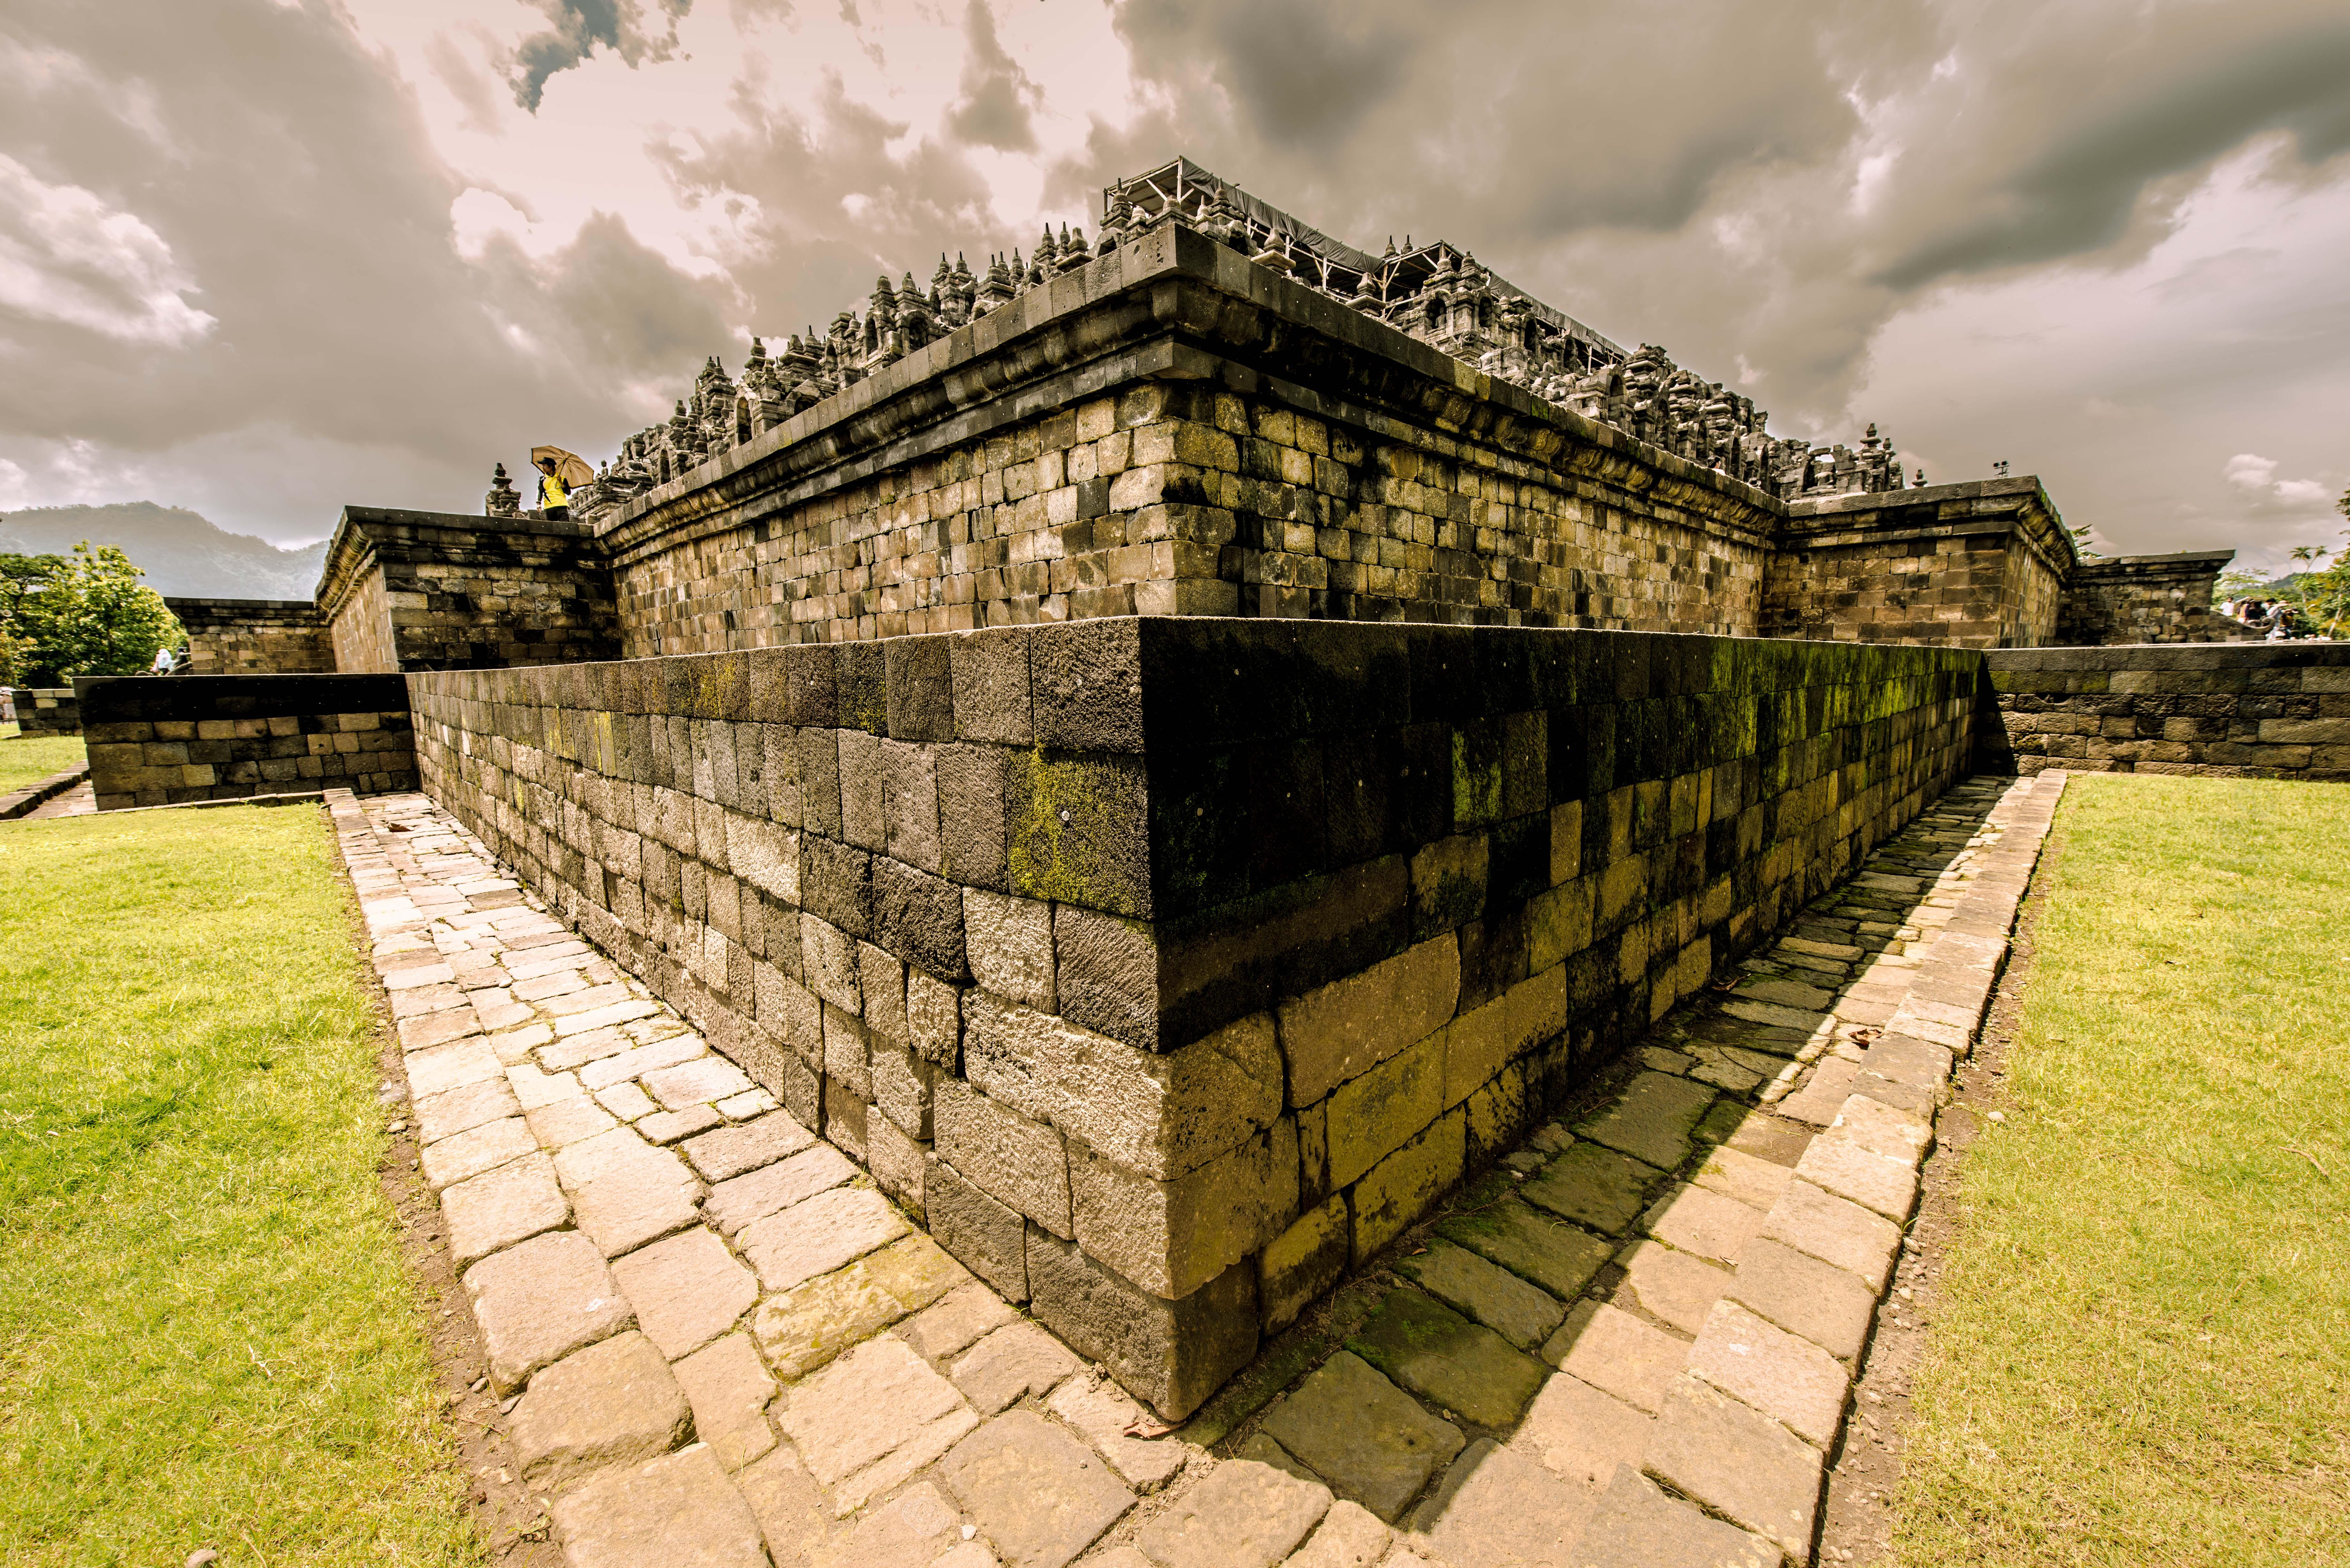 Edge of Borobudur